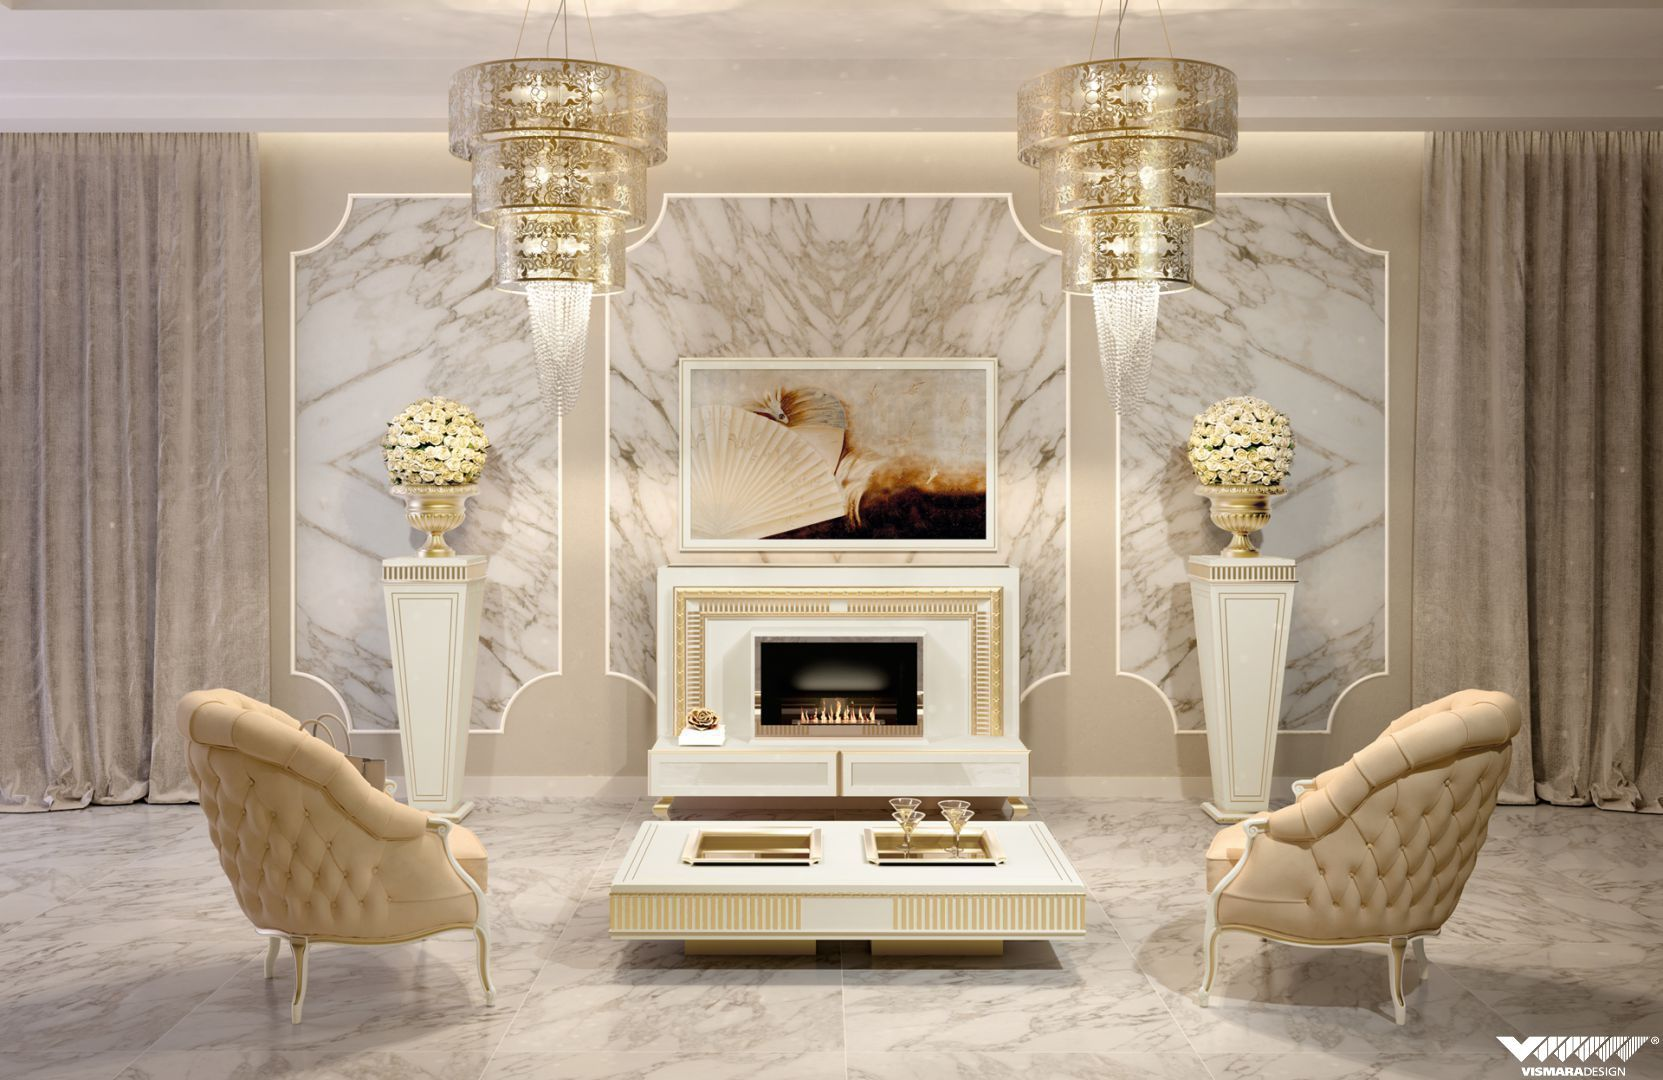 Design#800533: Art Deco Living Room – 20 Bold Art Deco Inspired ...